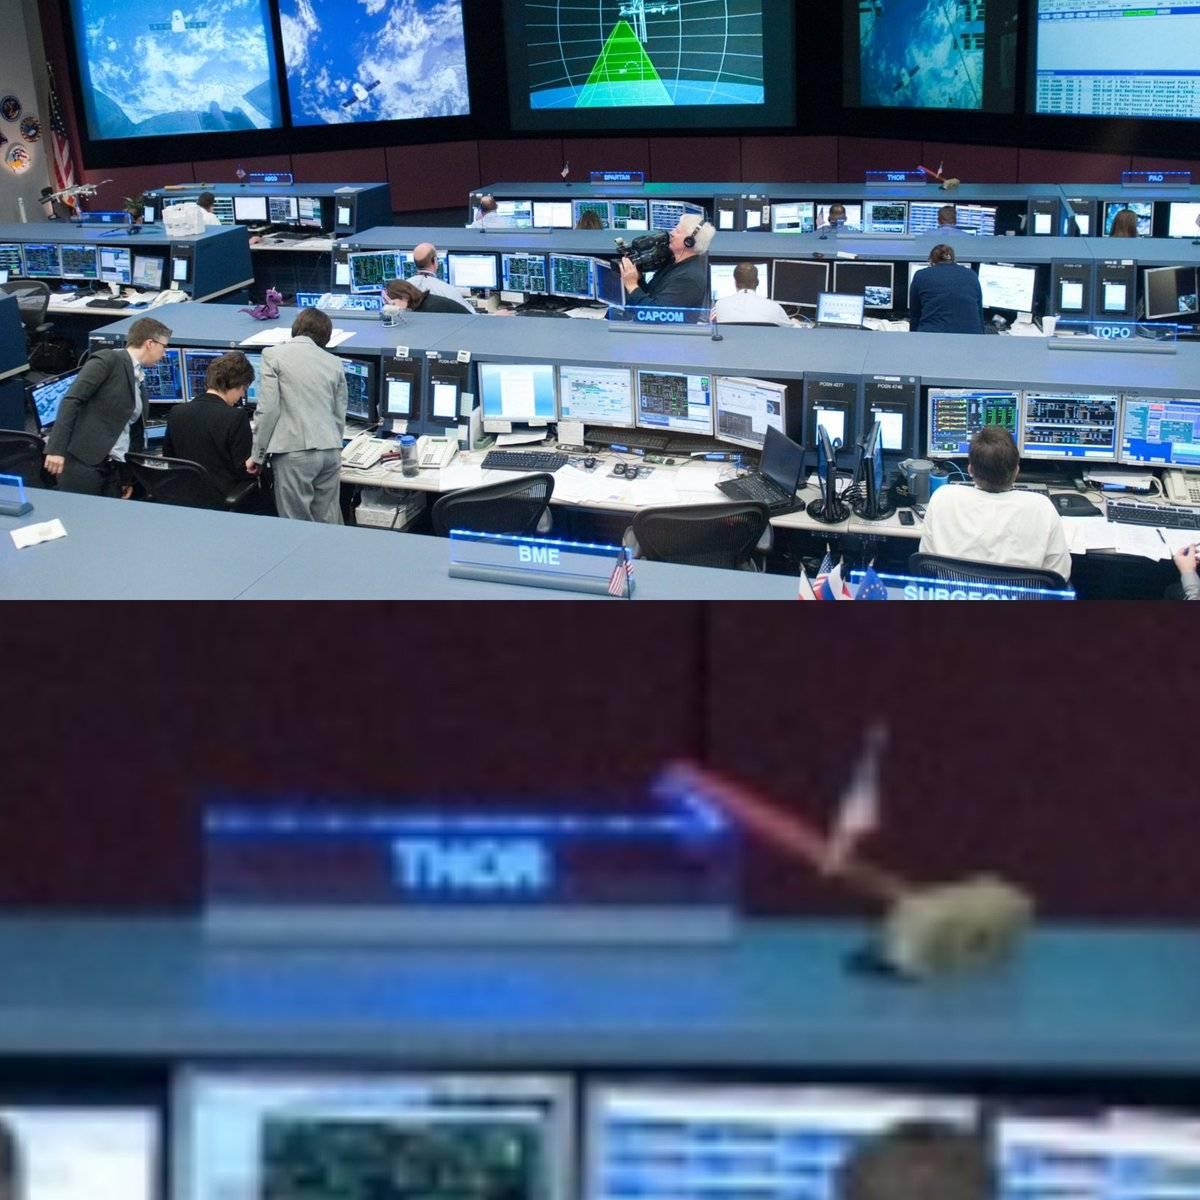 La NASA se puso graciosa y le dio pistas a Marvel  sobre cómo encontrar a Iron Man en Avengers 4: Endgame